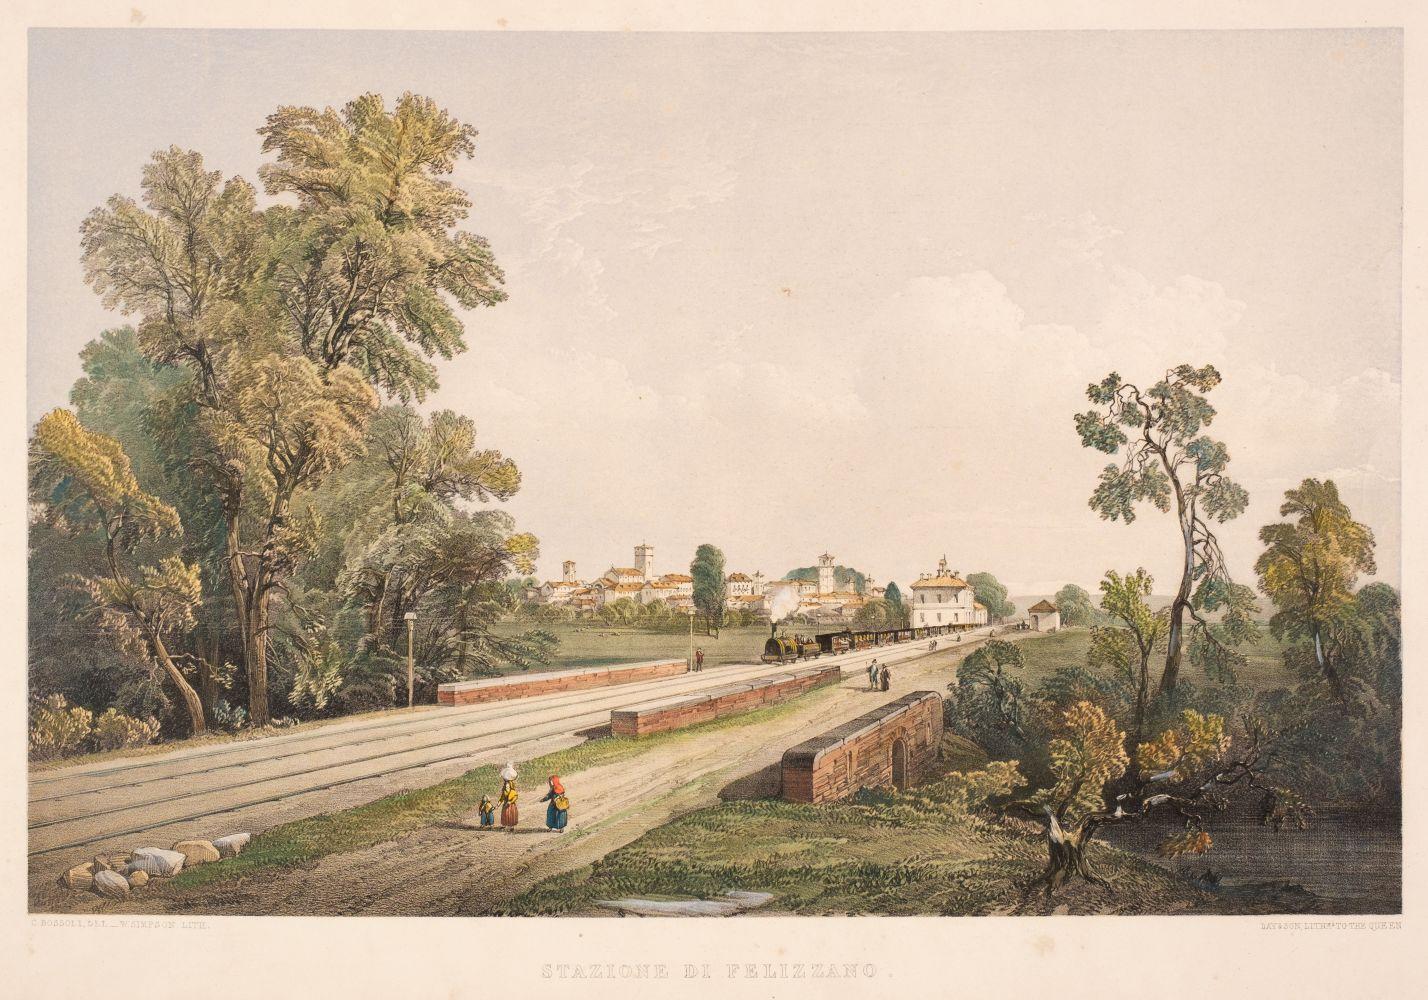 * Simpson (William ). Stazione di Fellizano, circa 1850, hand coloured lithographic view